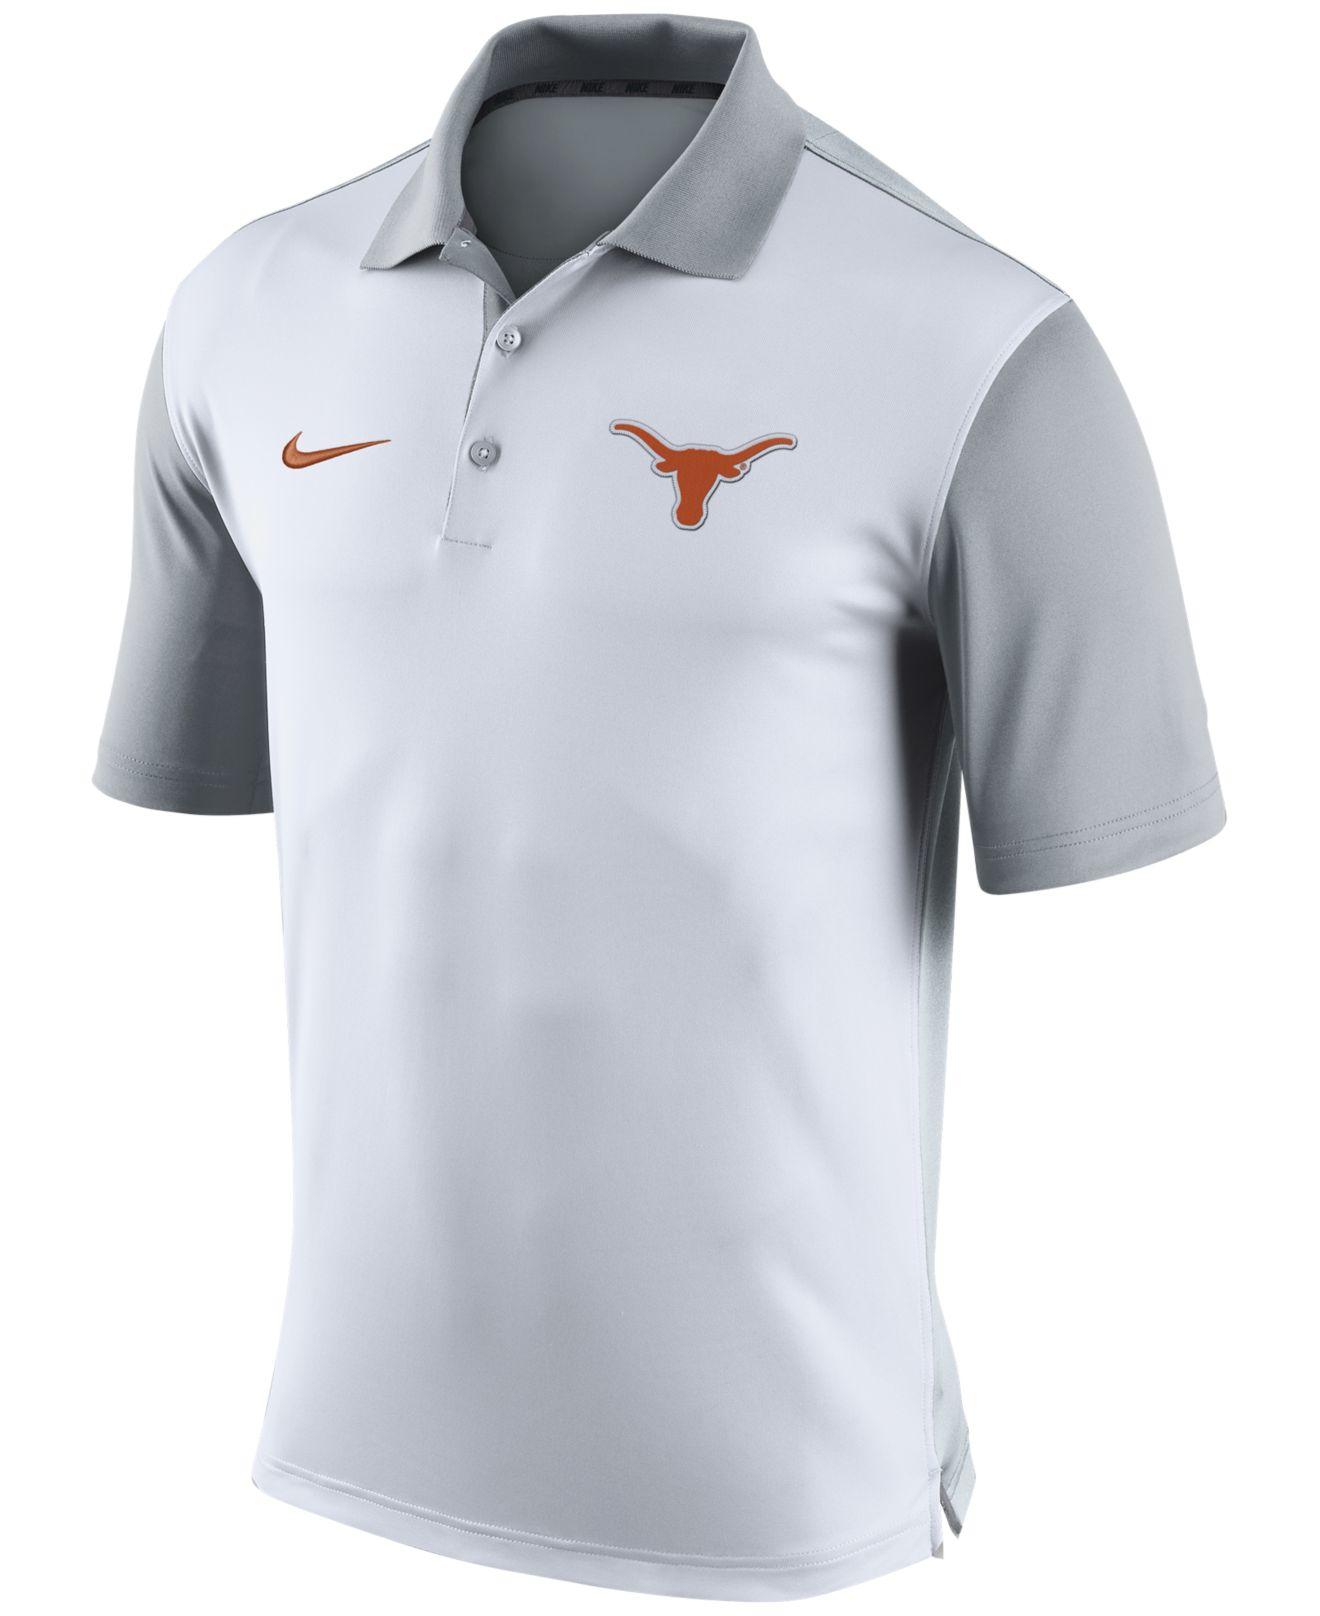 6157d0e0 Lyst - Nike Men's Texas Longhorns Preseason Polo in White for Men